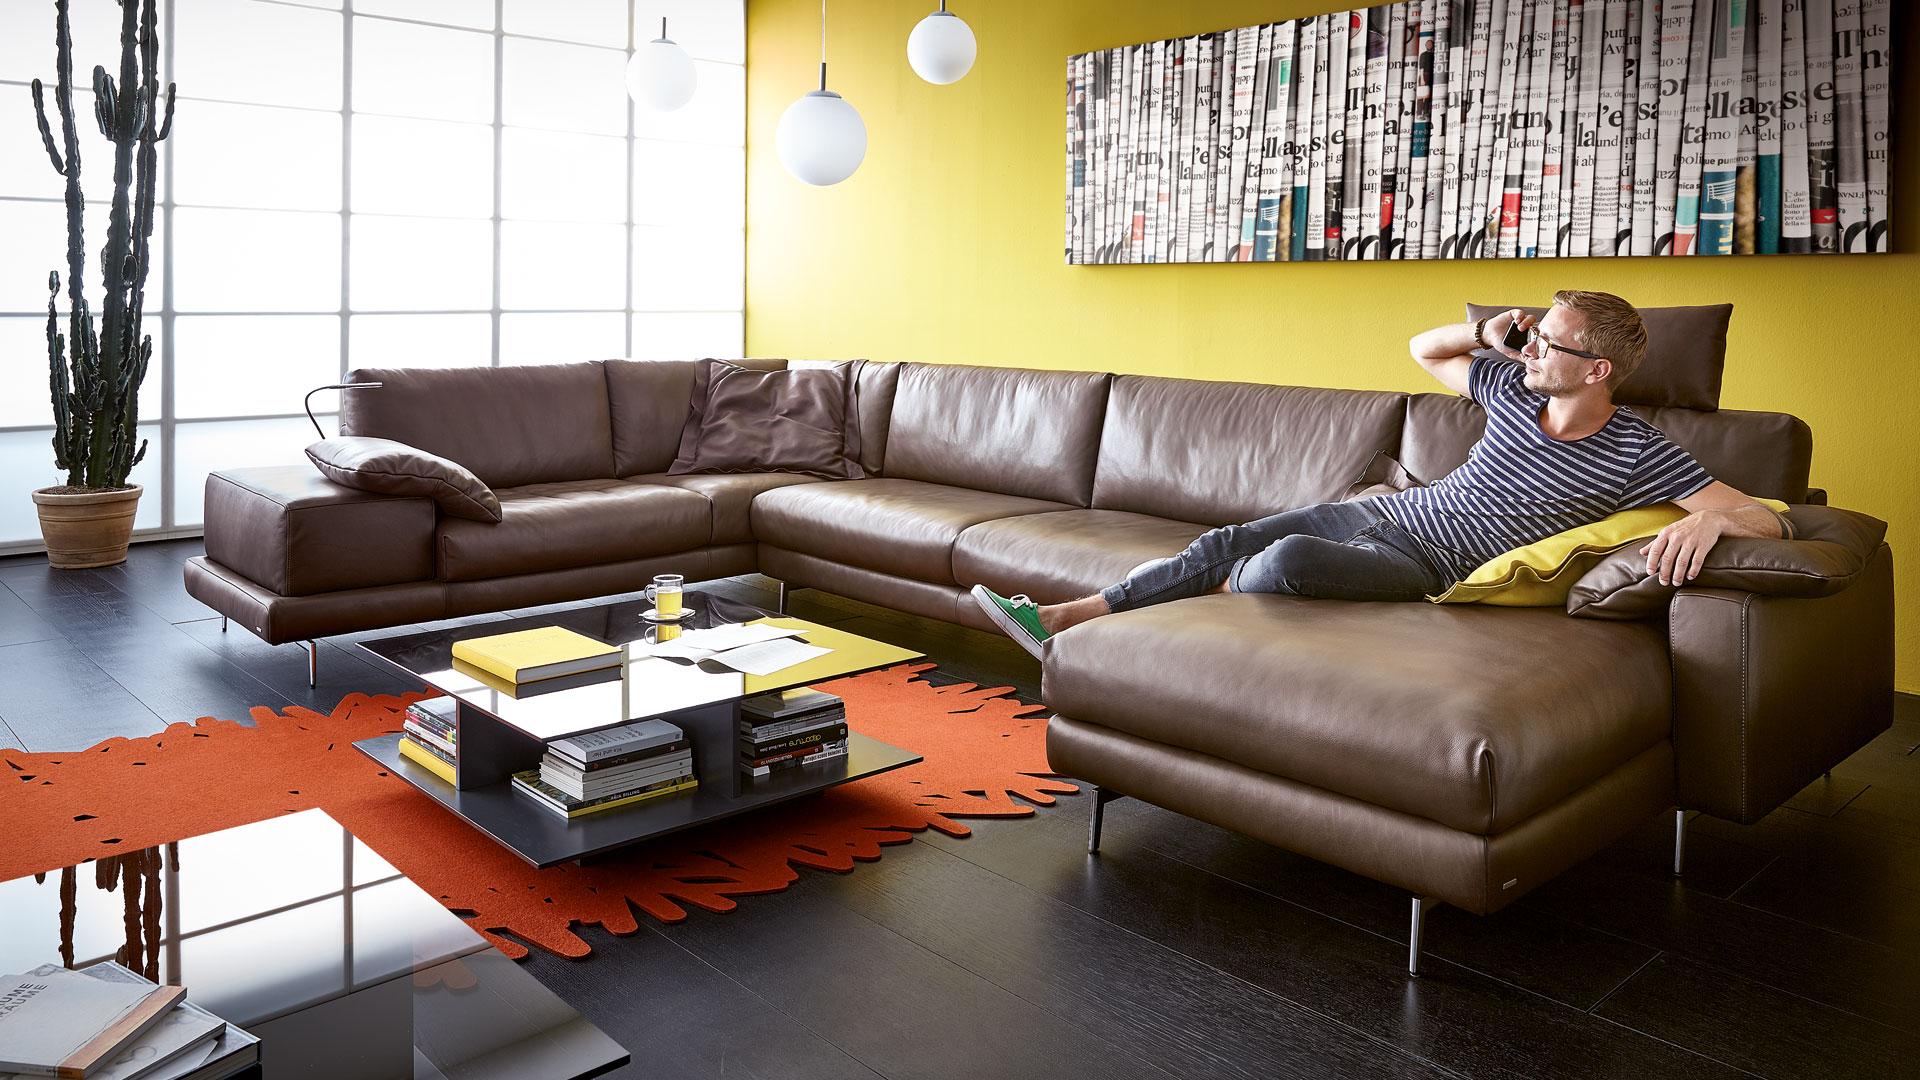 Full Size of Koinor Sofa Leder Rot Uk Outlet Gera Bewertung Gebraucht Kaufen Francis 2 Sitzer Couch Lederfarben Konfigurieren Erfahrungen Mit Verstellbarer Sitztiefe Ewald Sofa Koinor Sofa